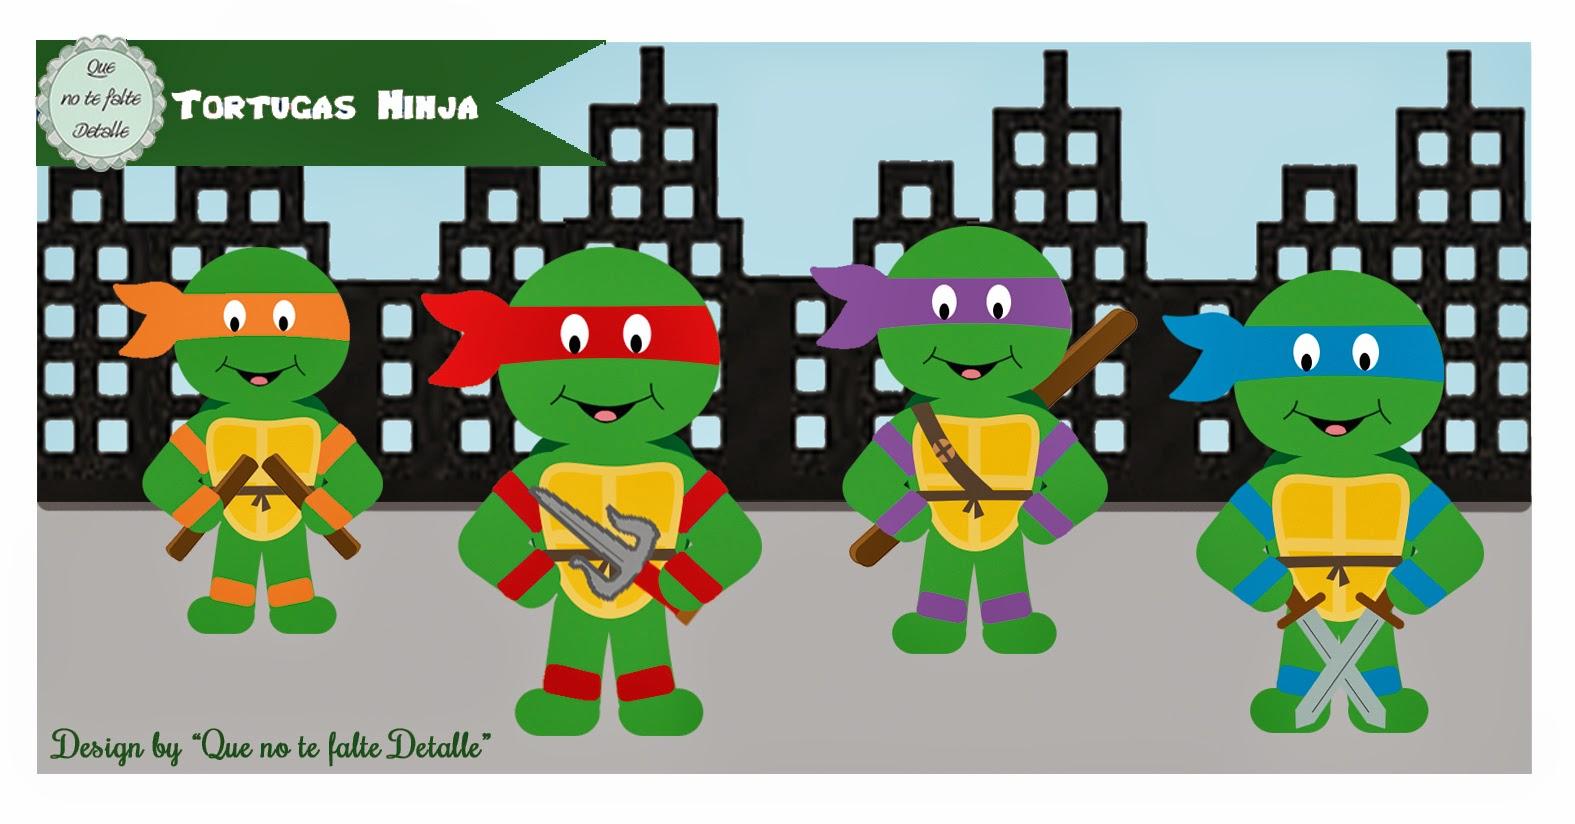 diseño-tortugas-ninja-by-que-no-te-falte-detalle